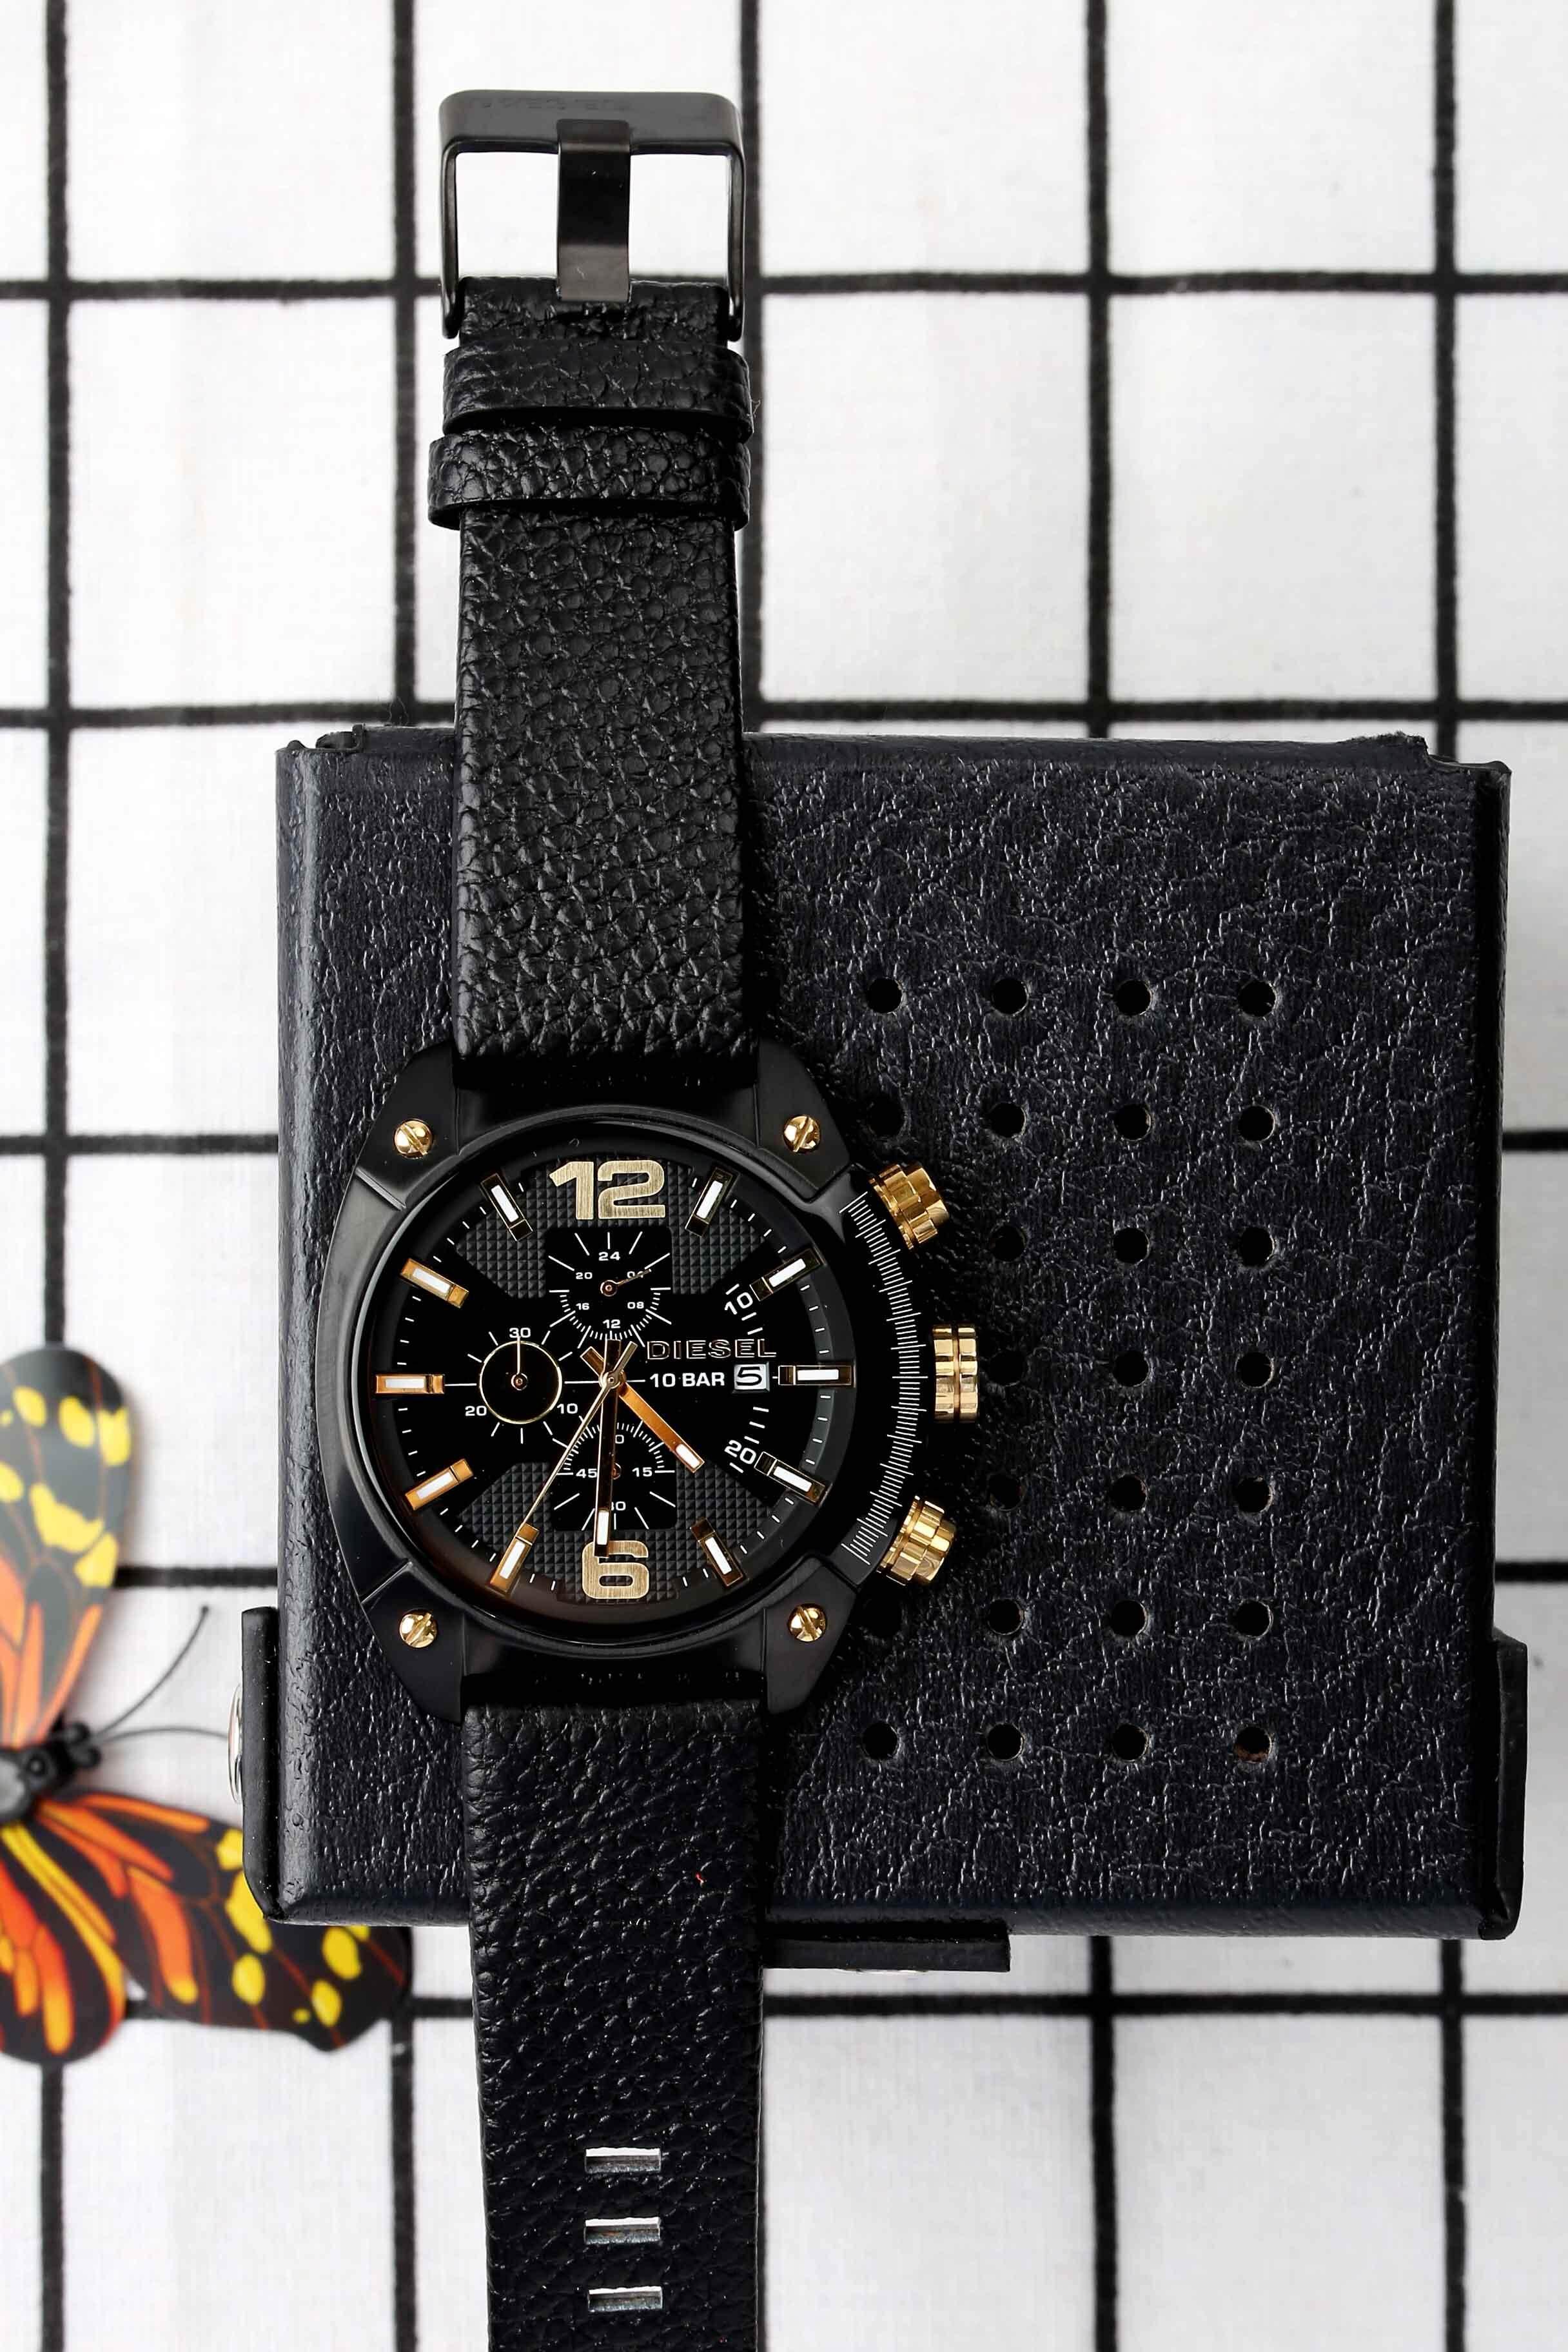 ยี่ห้อไหนดี  นครศรีธรรมราช Genuine Products Waterproof Diesel_Military Series. Three-Eye Timing Fashion casual watchMineral Toughened Glass Mirror .Japanese Quartz Core. Resin Strap .